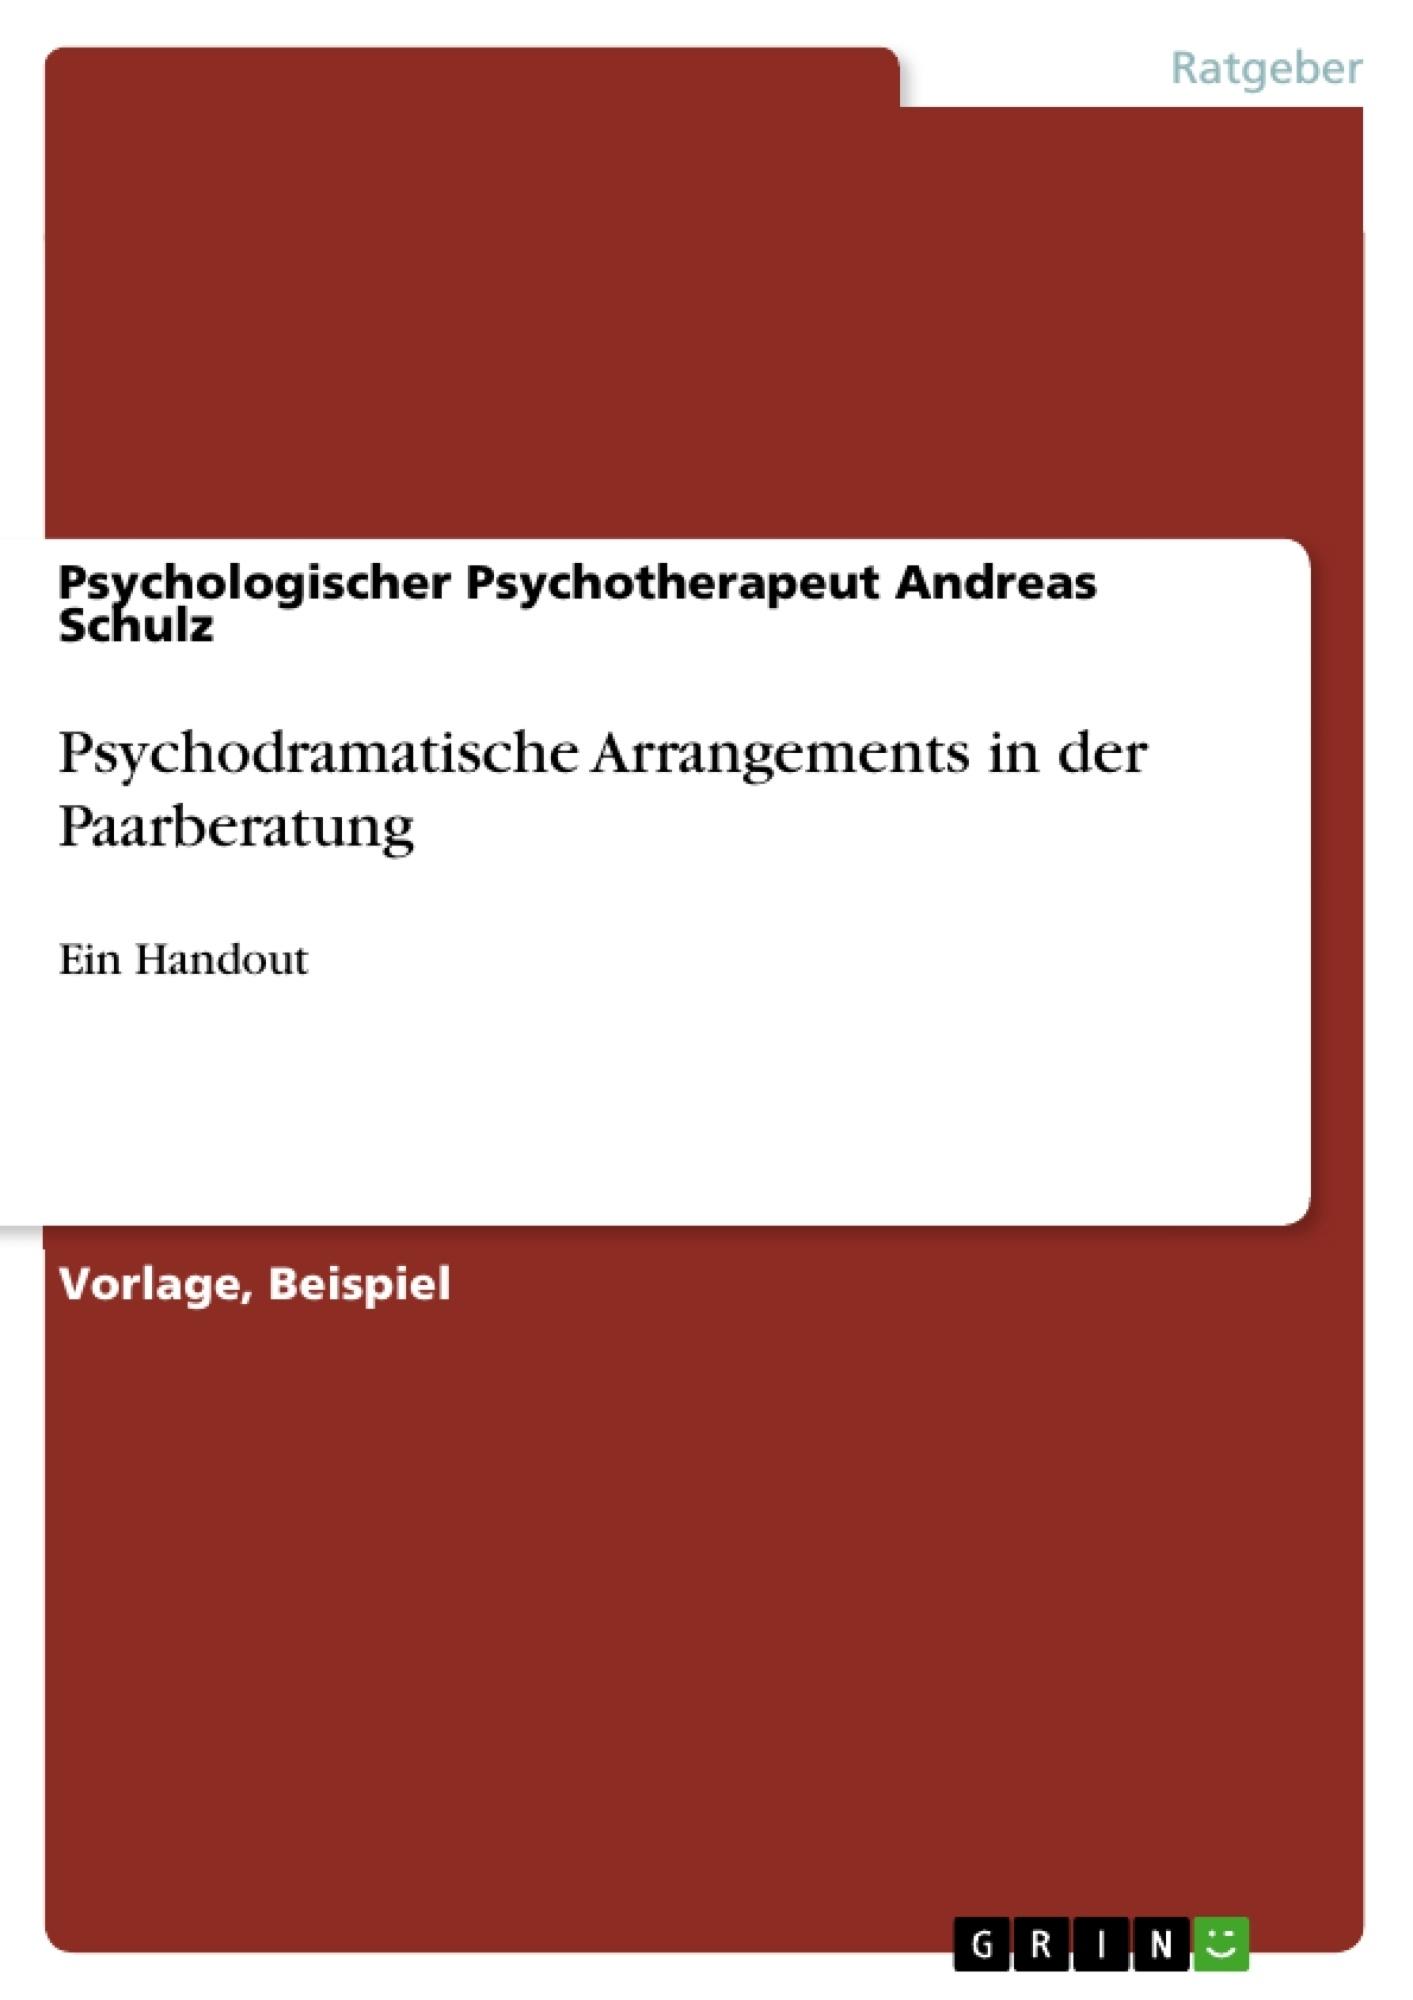 Titel: Psychodramatische Arrangements in der Paarberatung